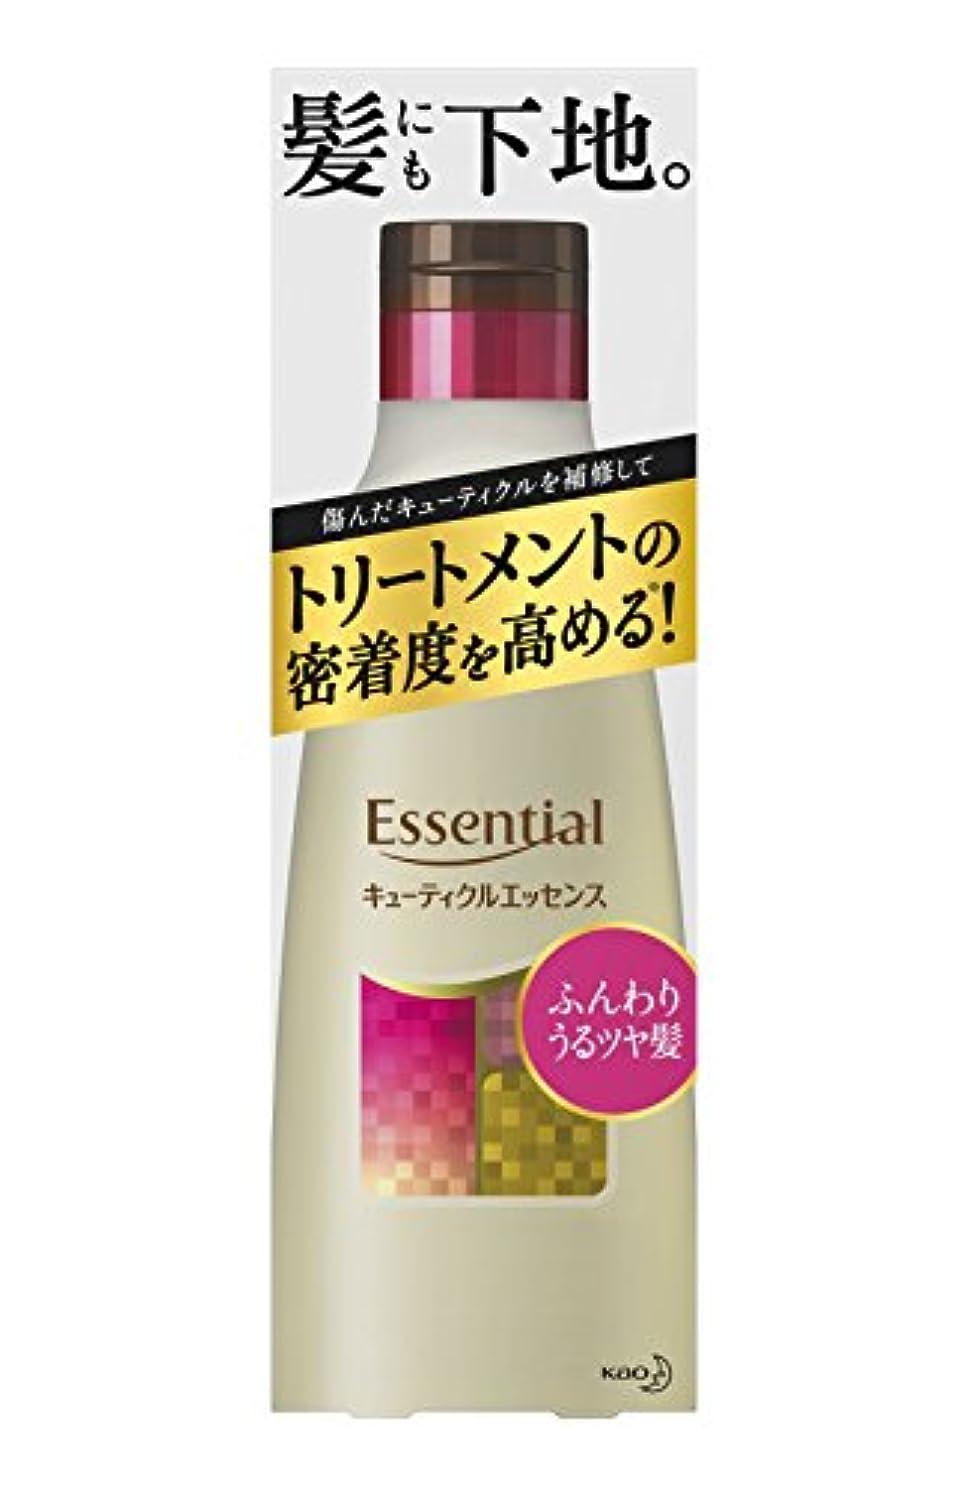 告白する韓国危険エッセンシャル ふんわりうるツヤ髪 キューティクルエッセンス 250g (インバス用)